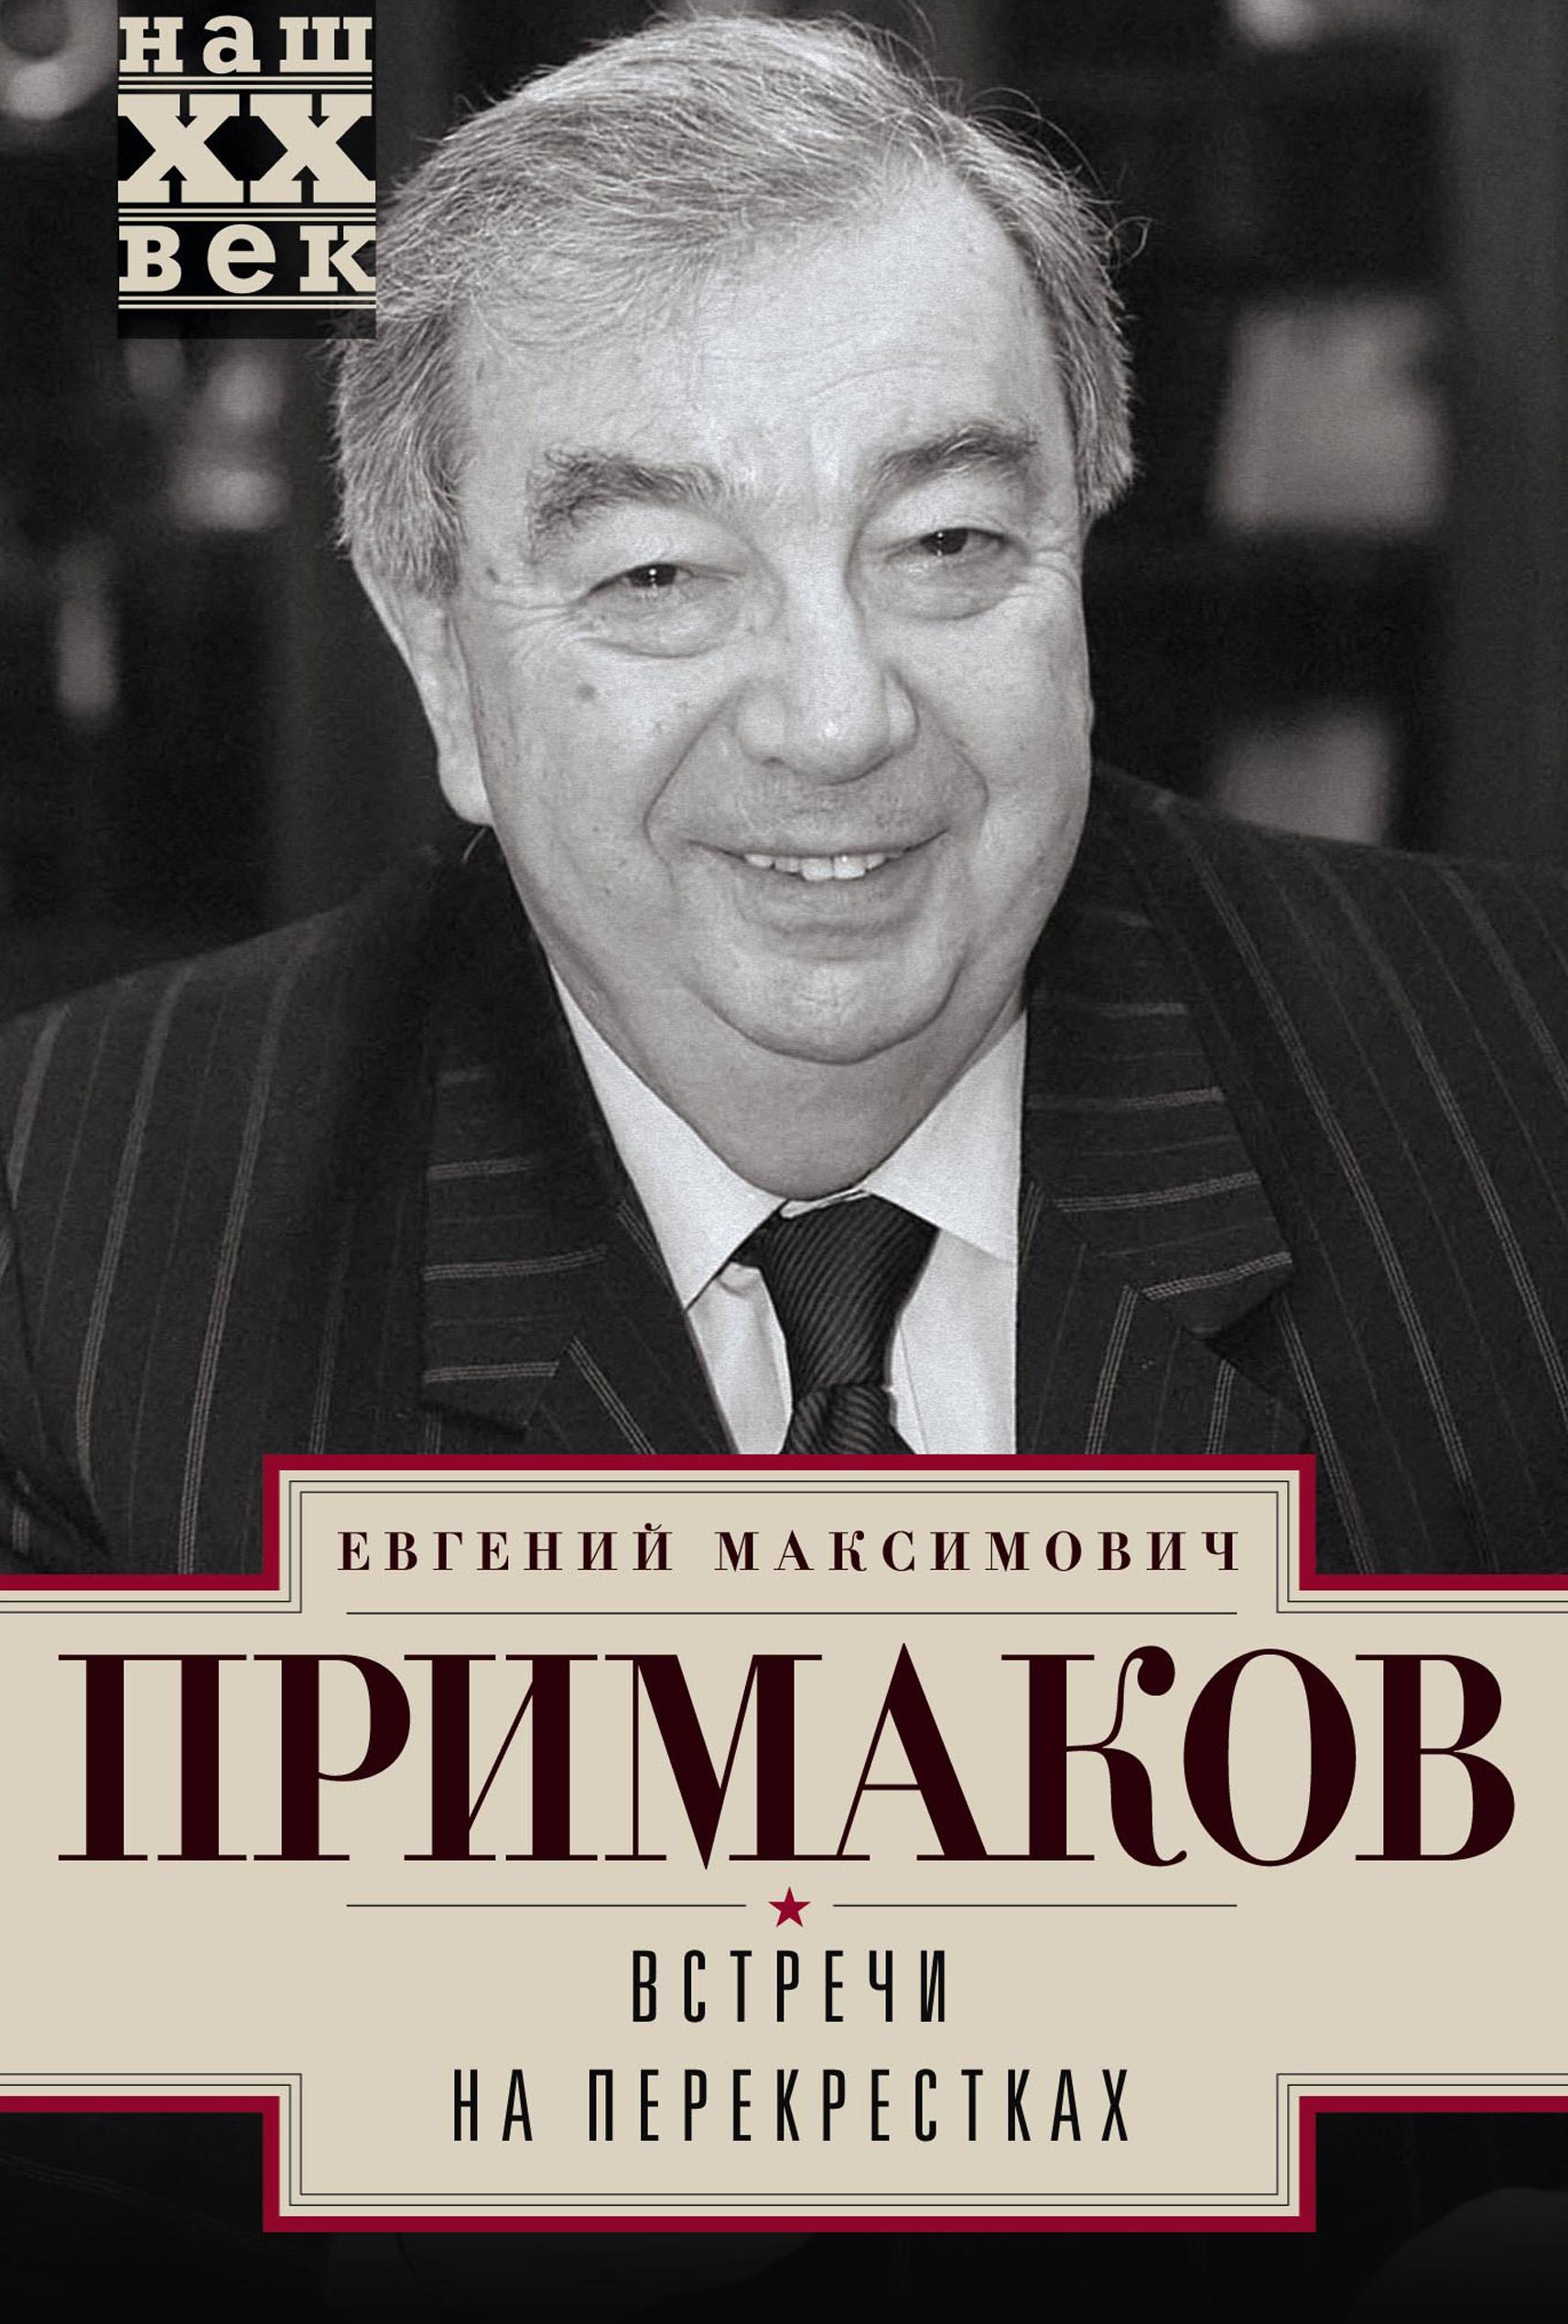 Евгений Примаков Встречи на перекрестках е м примаков встречи на перекрестках